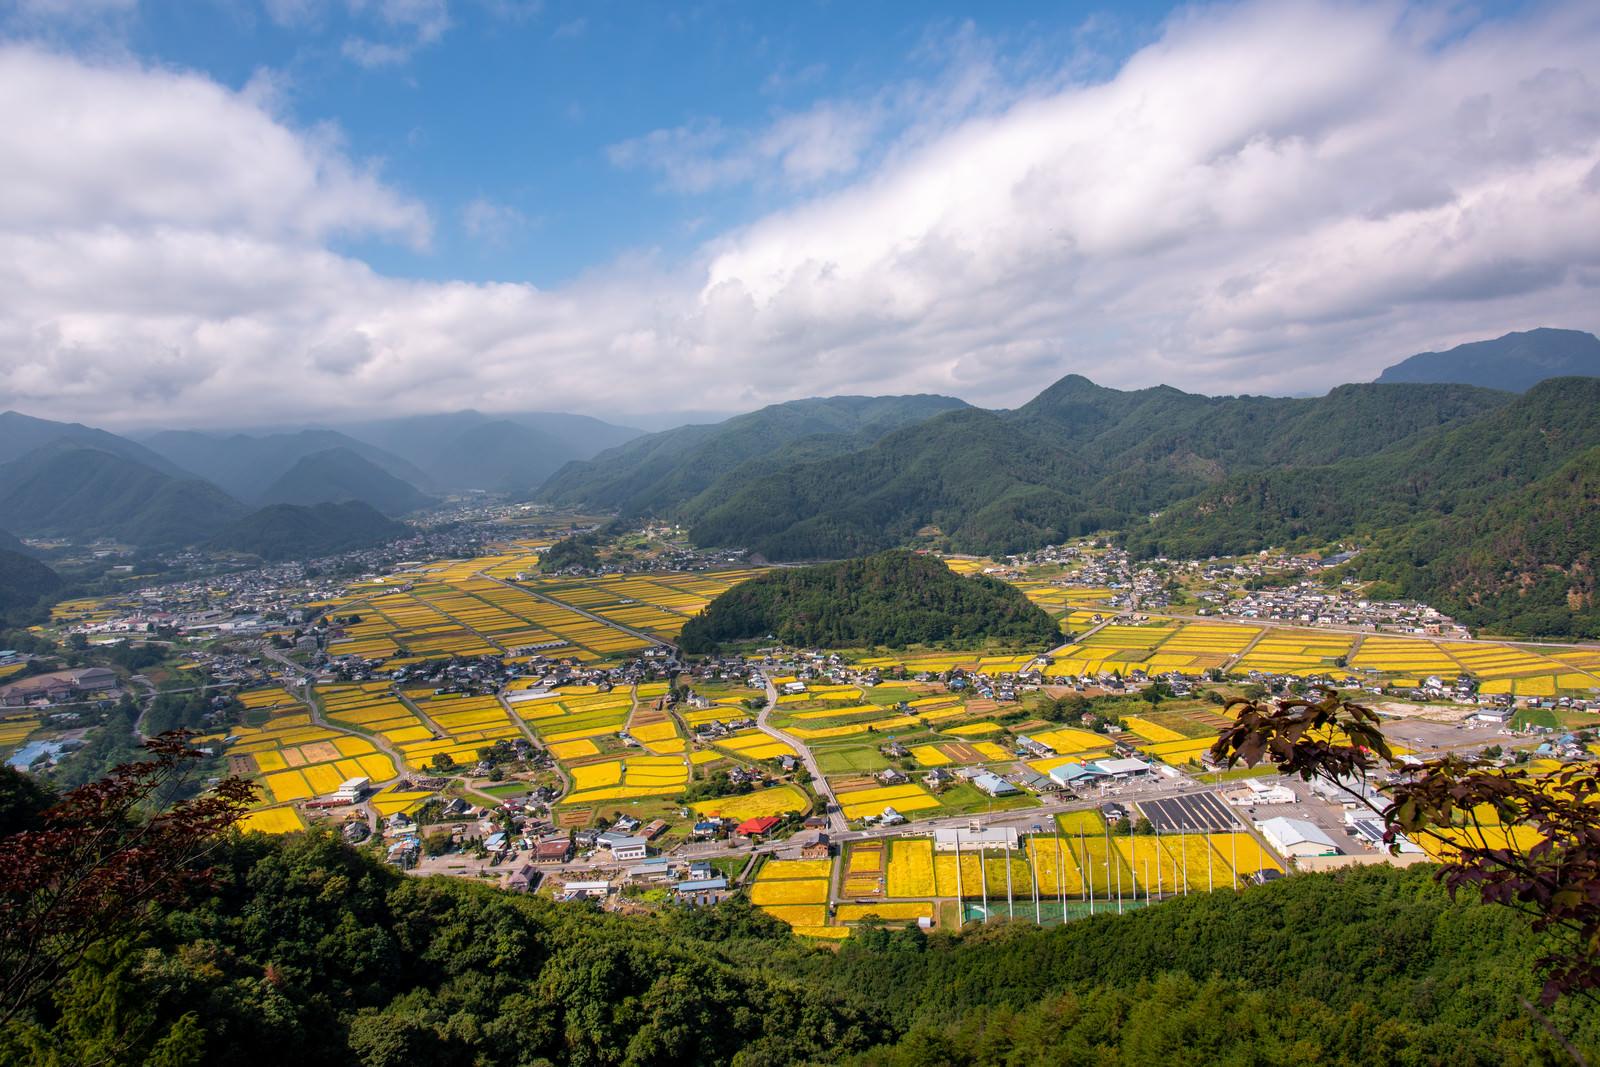 「信州武石の俯瞰図と実りを向かえた田園風景」の写真